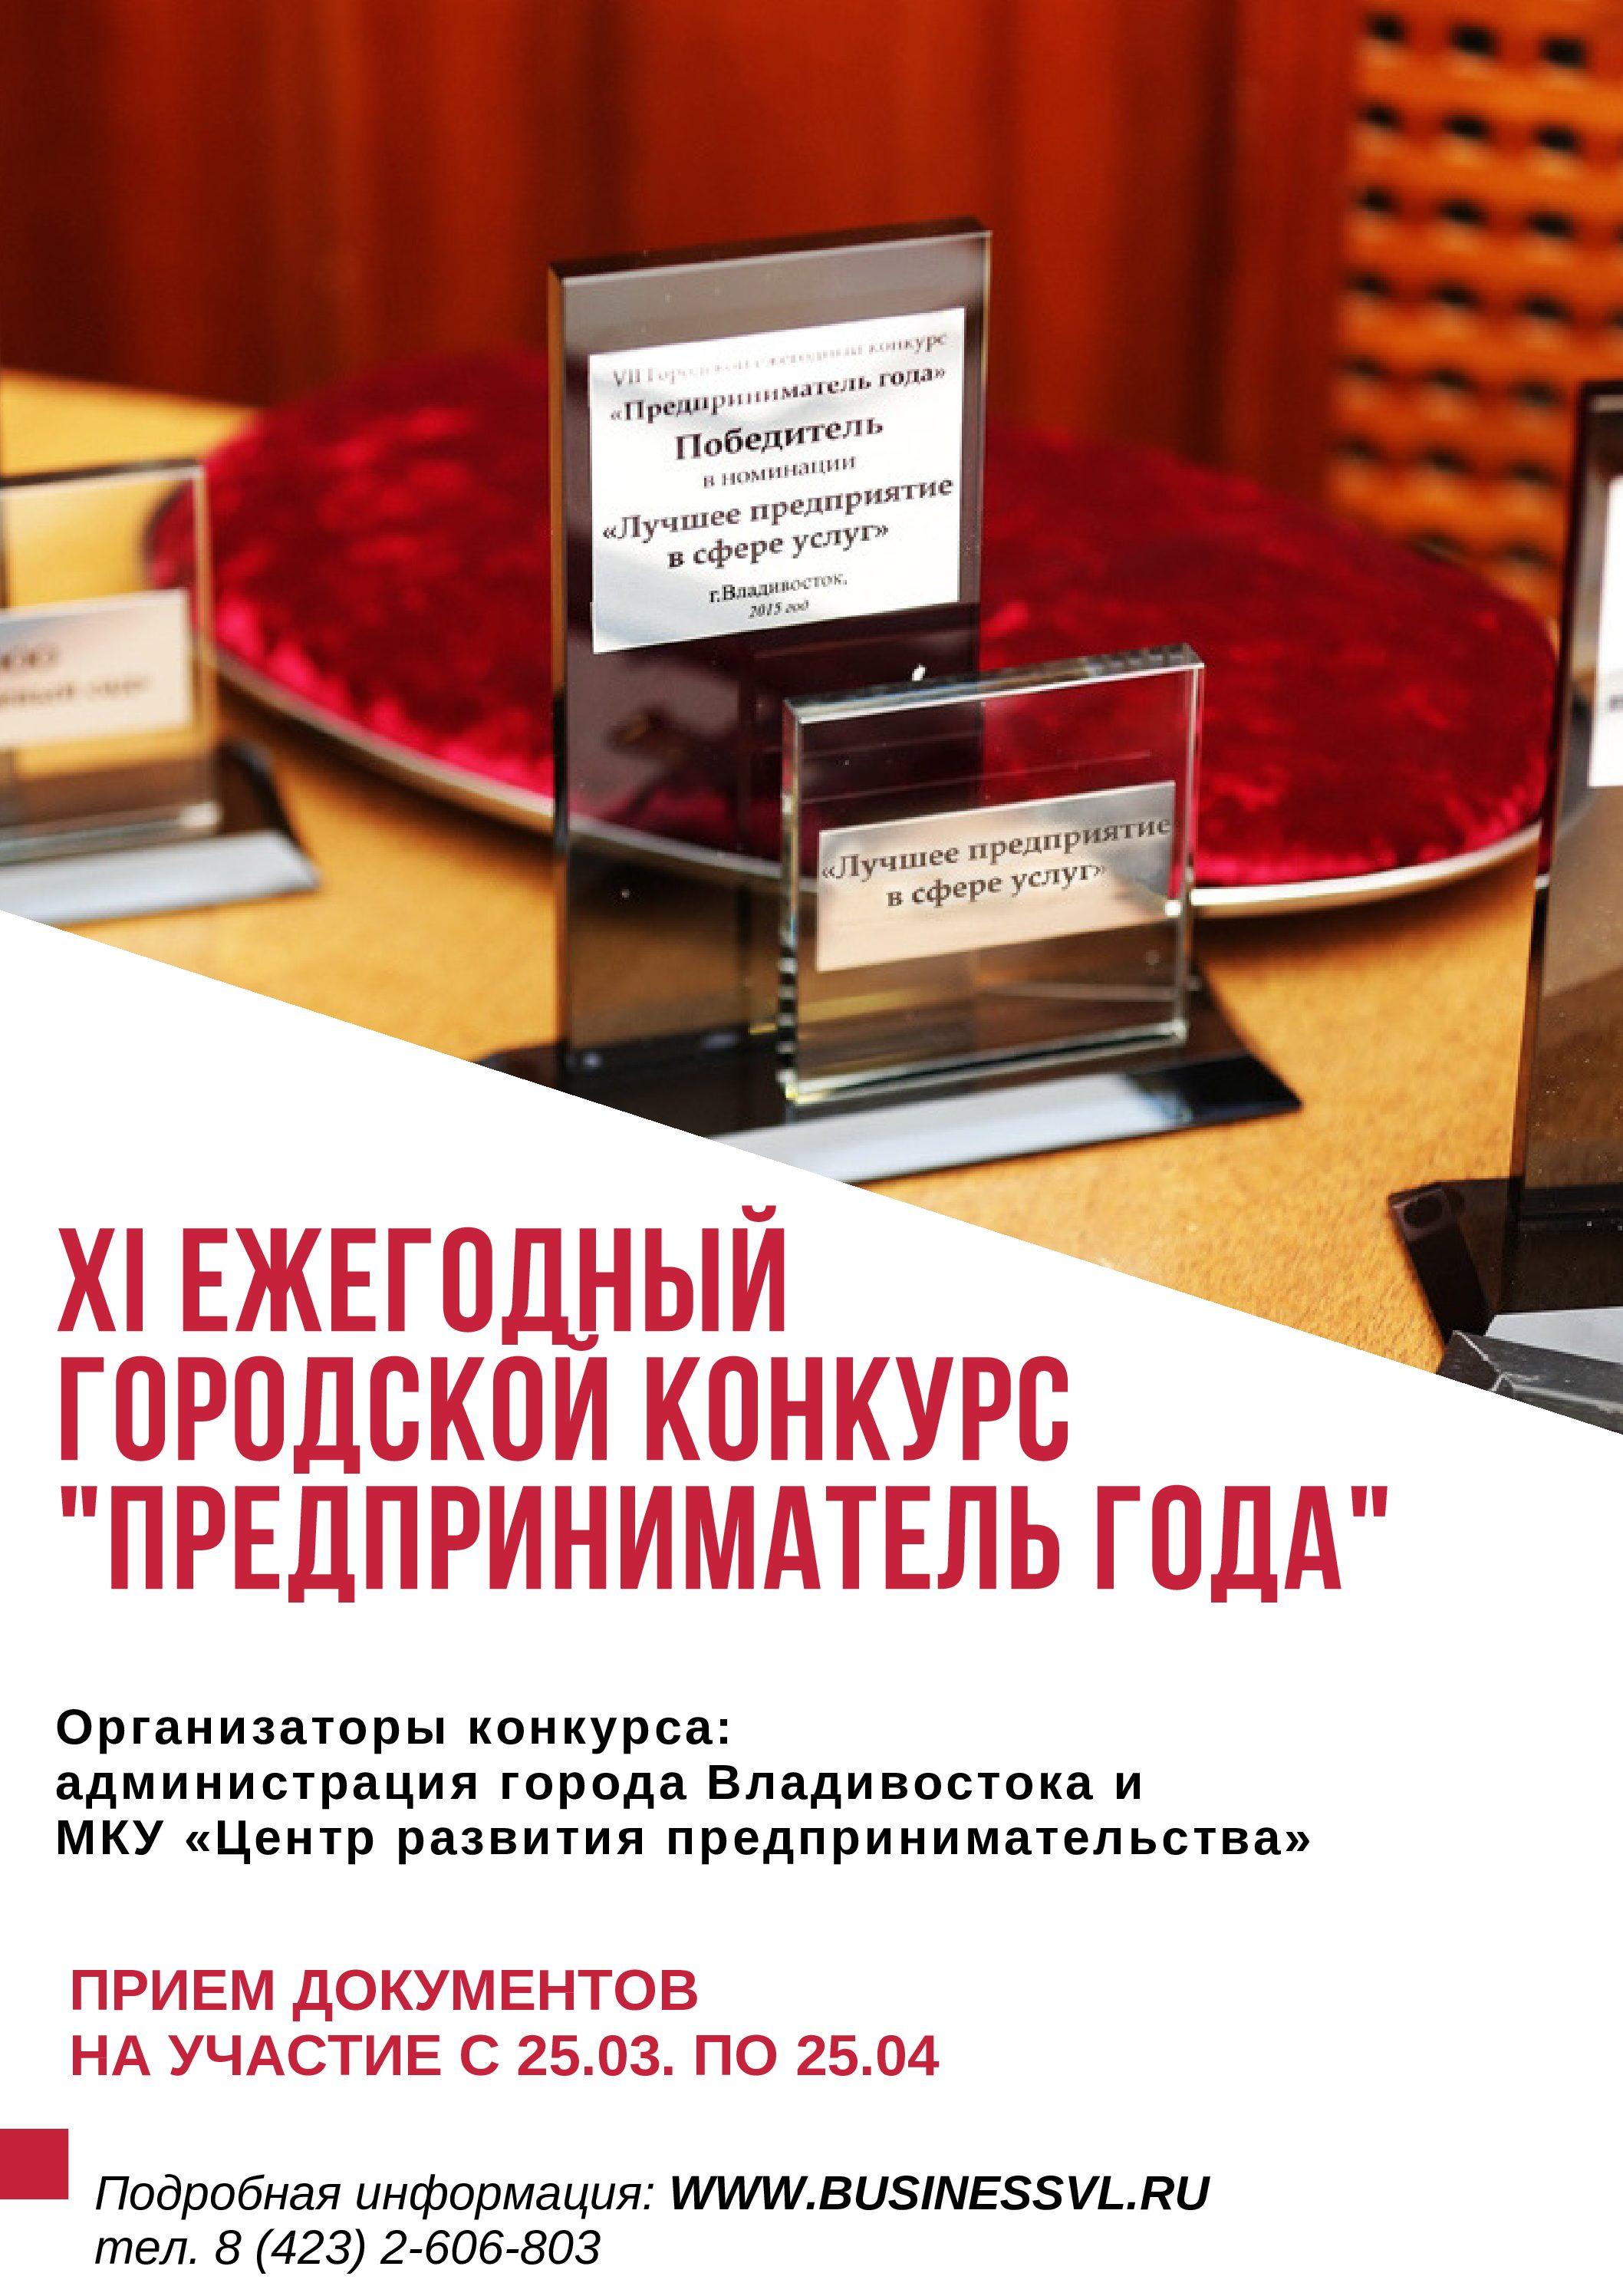 Уважаемые предприниматели города Владивостока!